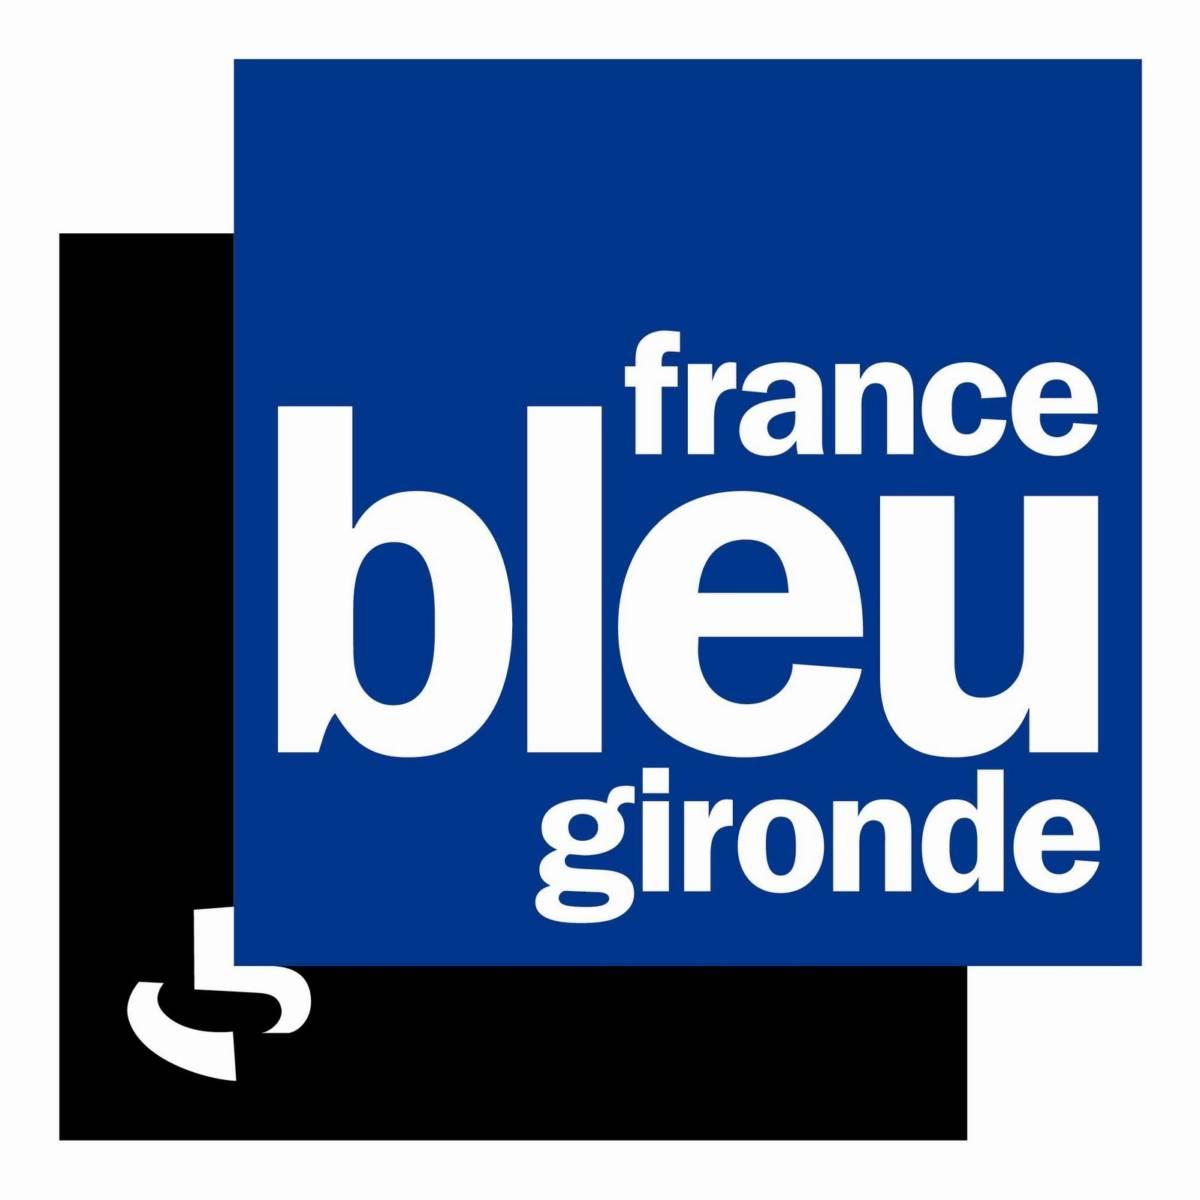 Francebleugironde